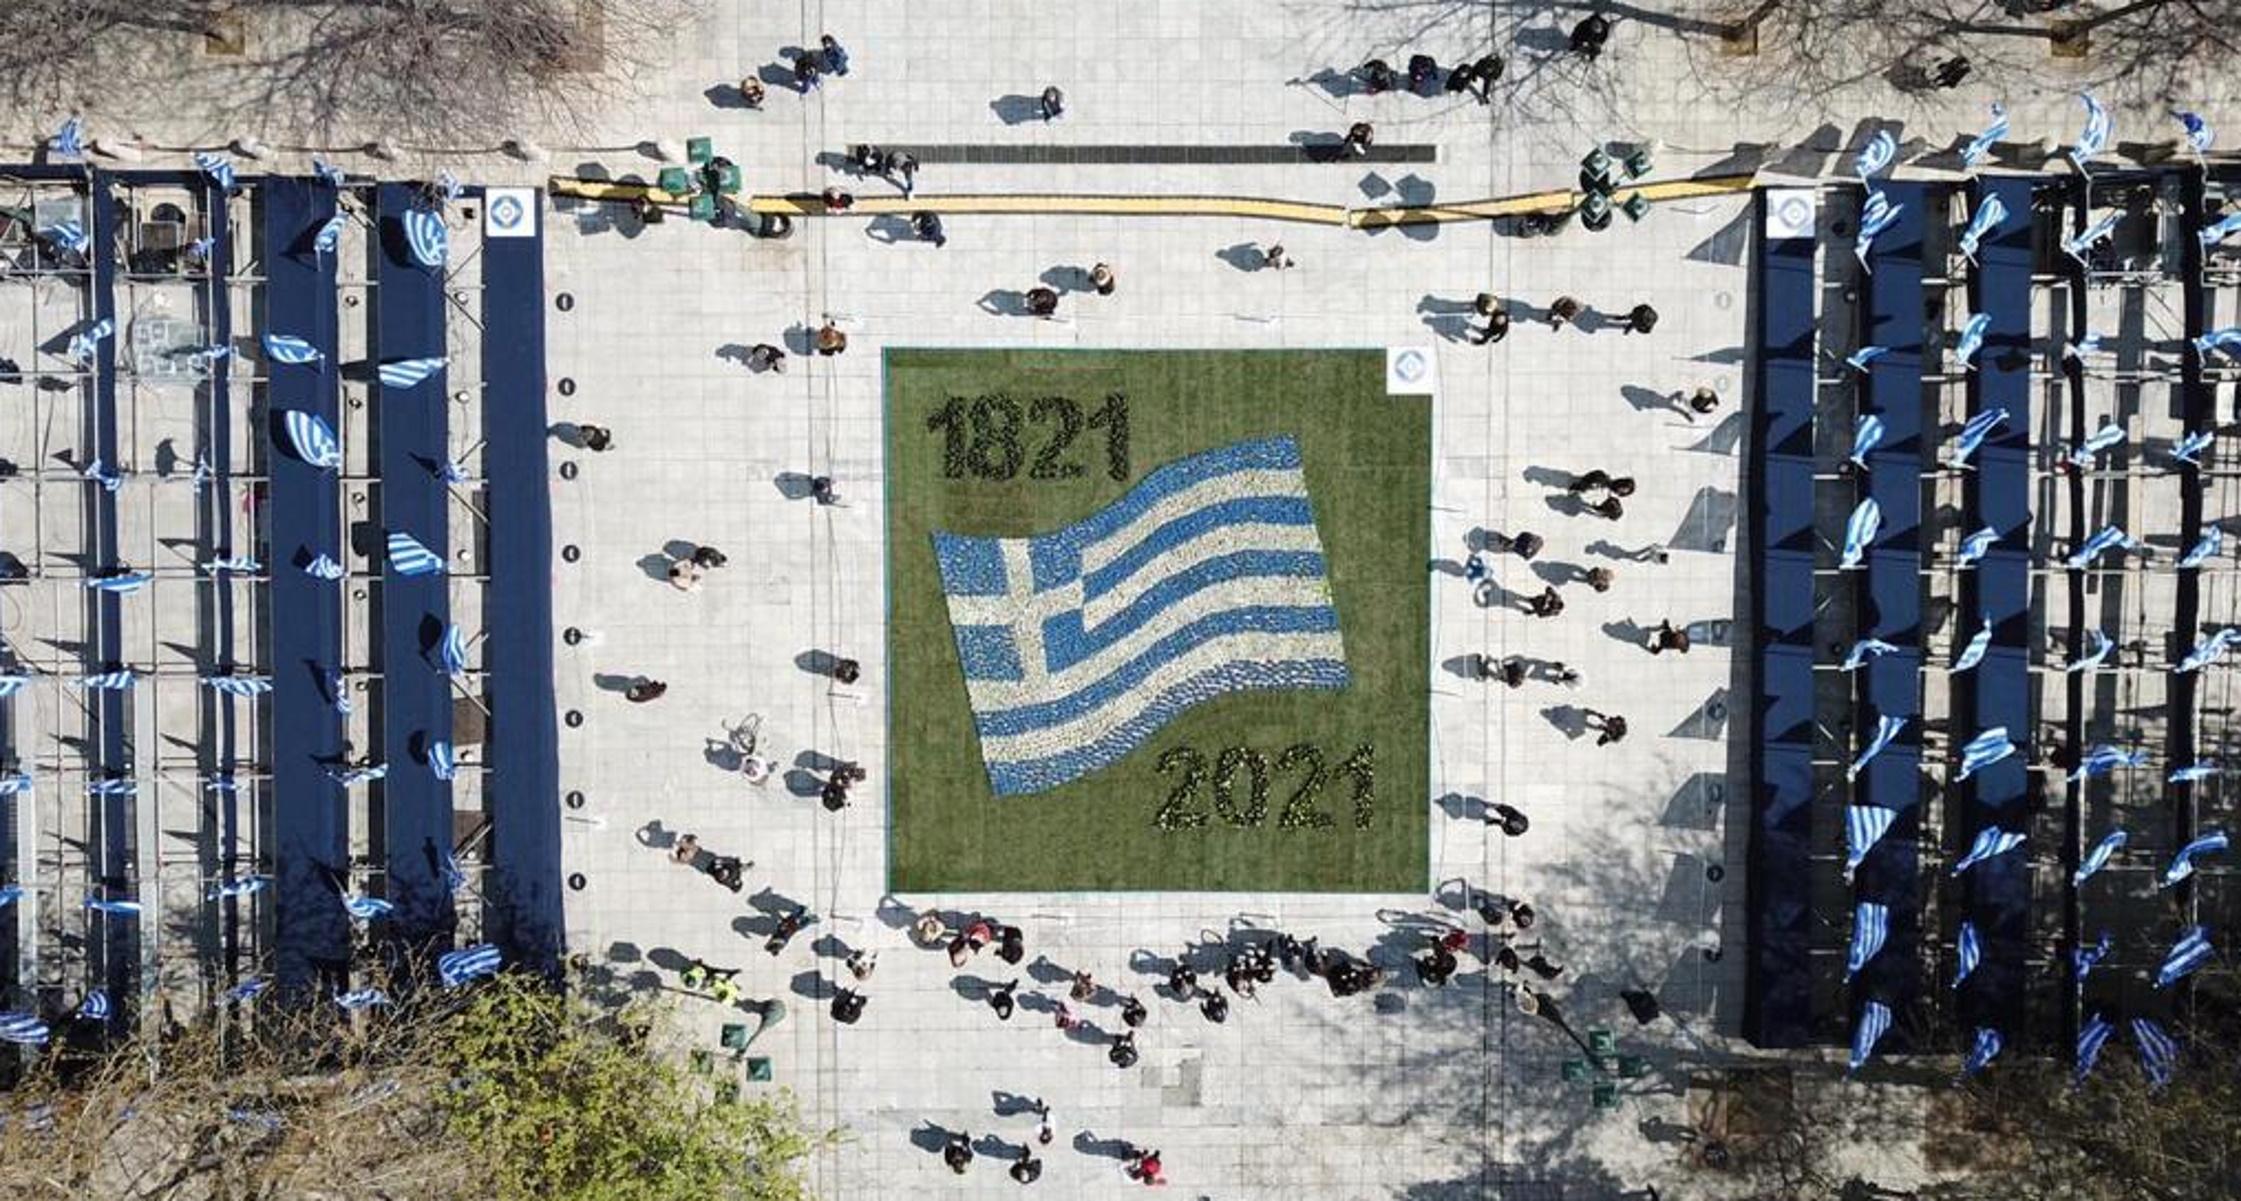 25η Μαρτίου – Αθήνα: Στα χρώματα της Ελλάδας στέλνει παγκόσμιο μήνυμα Ελευθερίας και Δημοκρατίας  (pics)